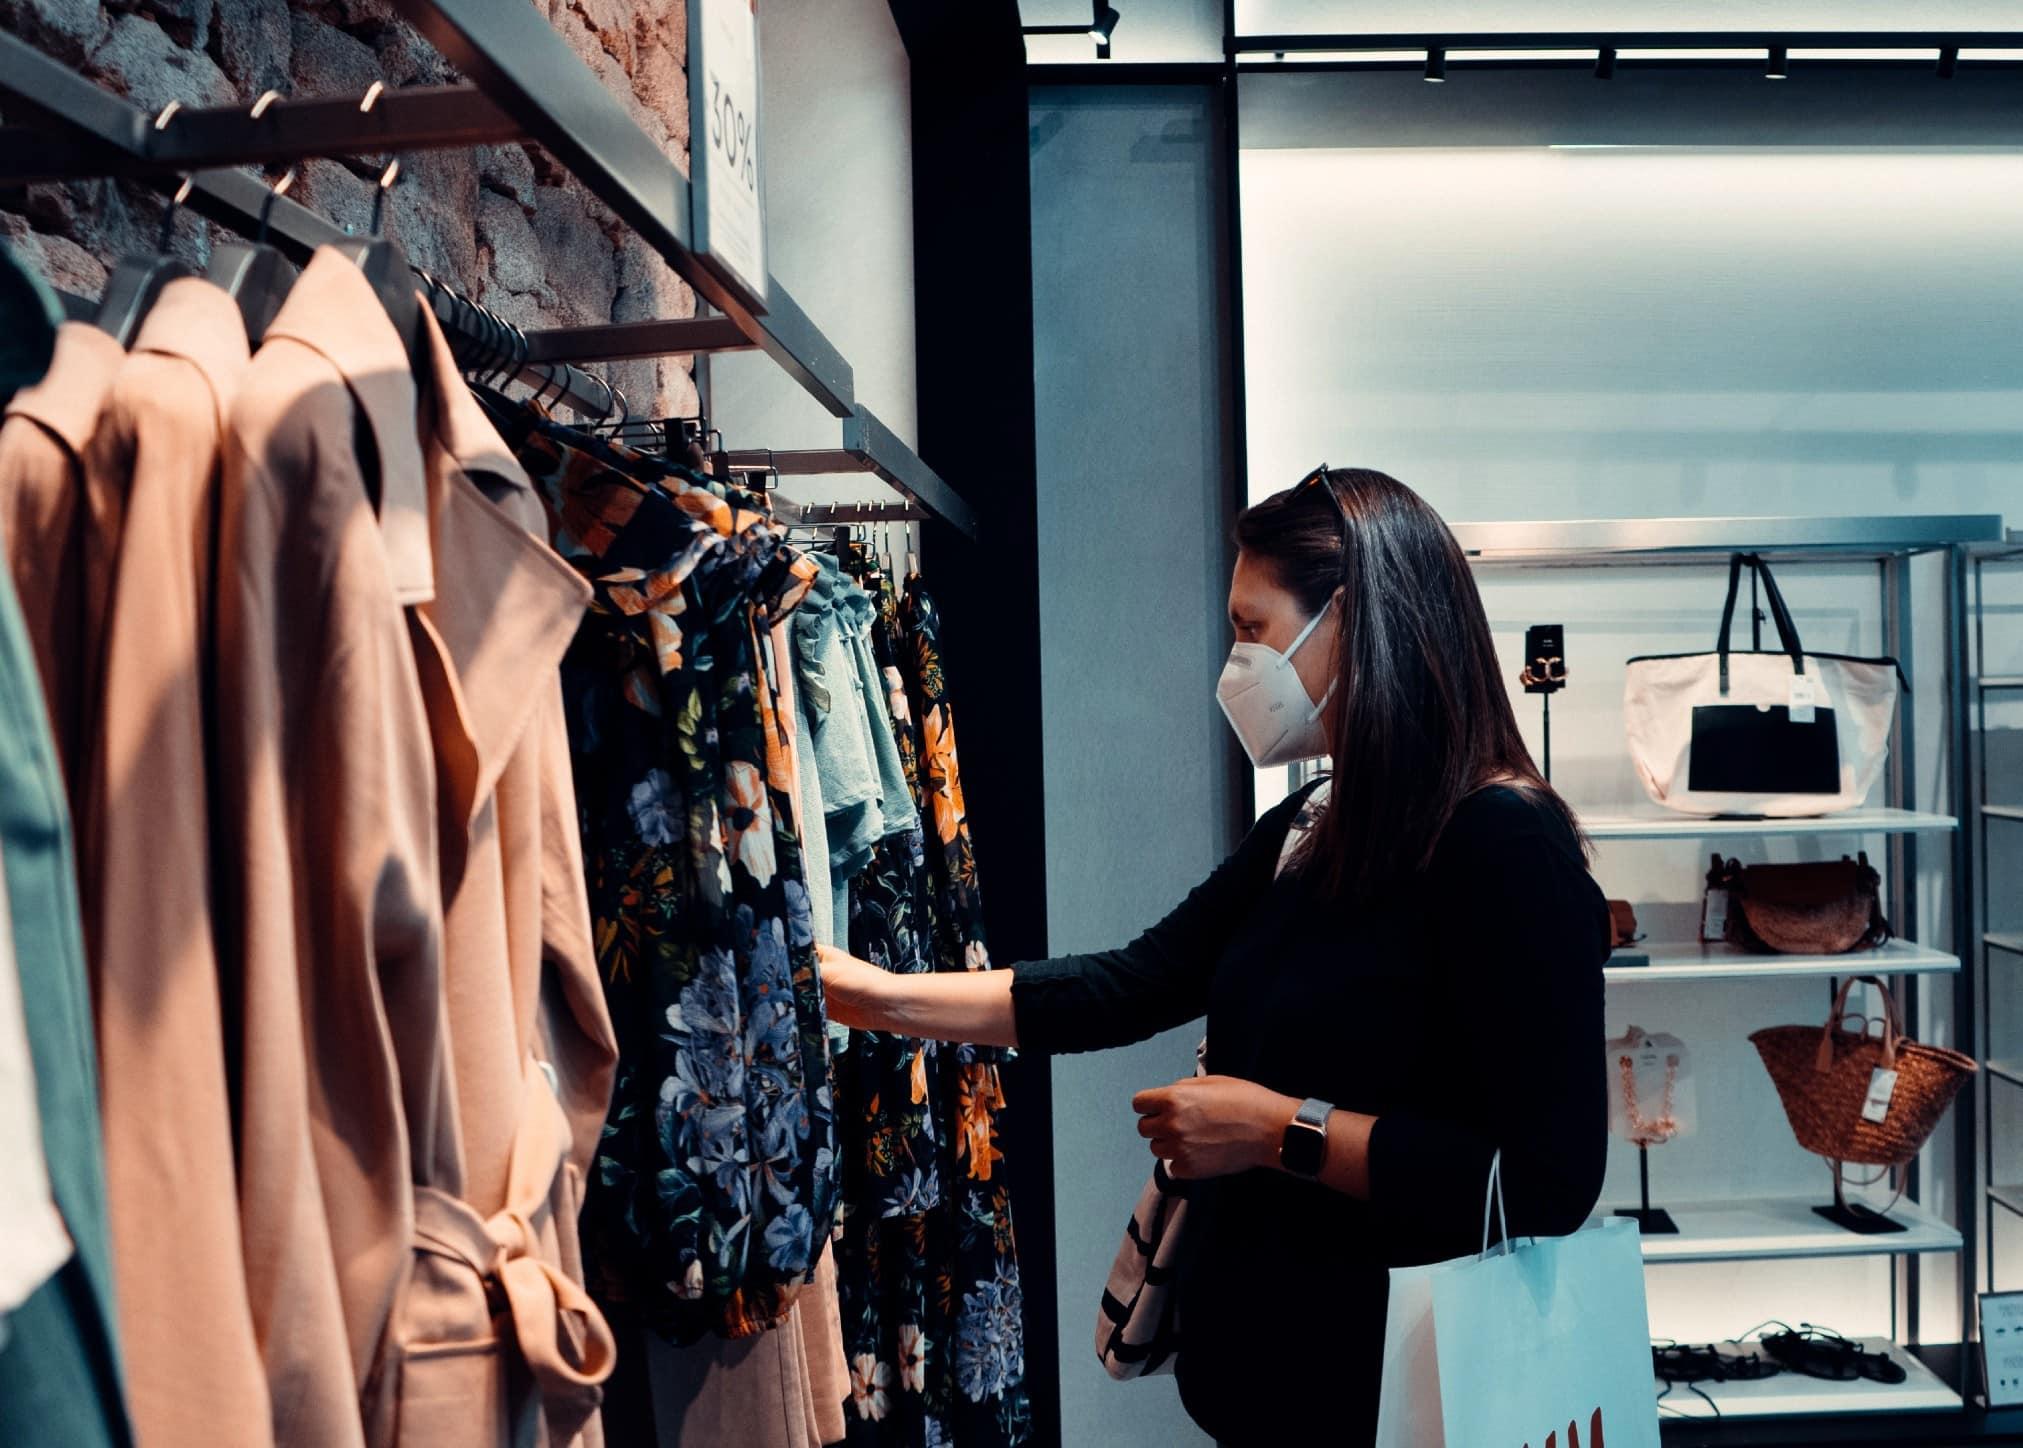 Verkaufsstrategien shopping einkaufen maske